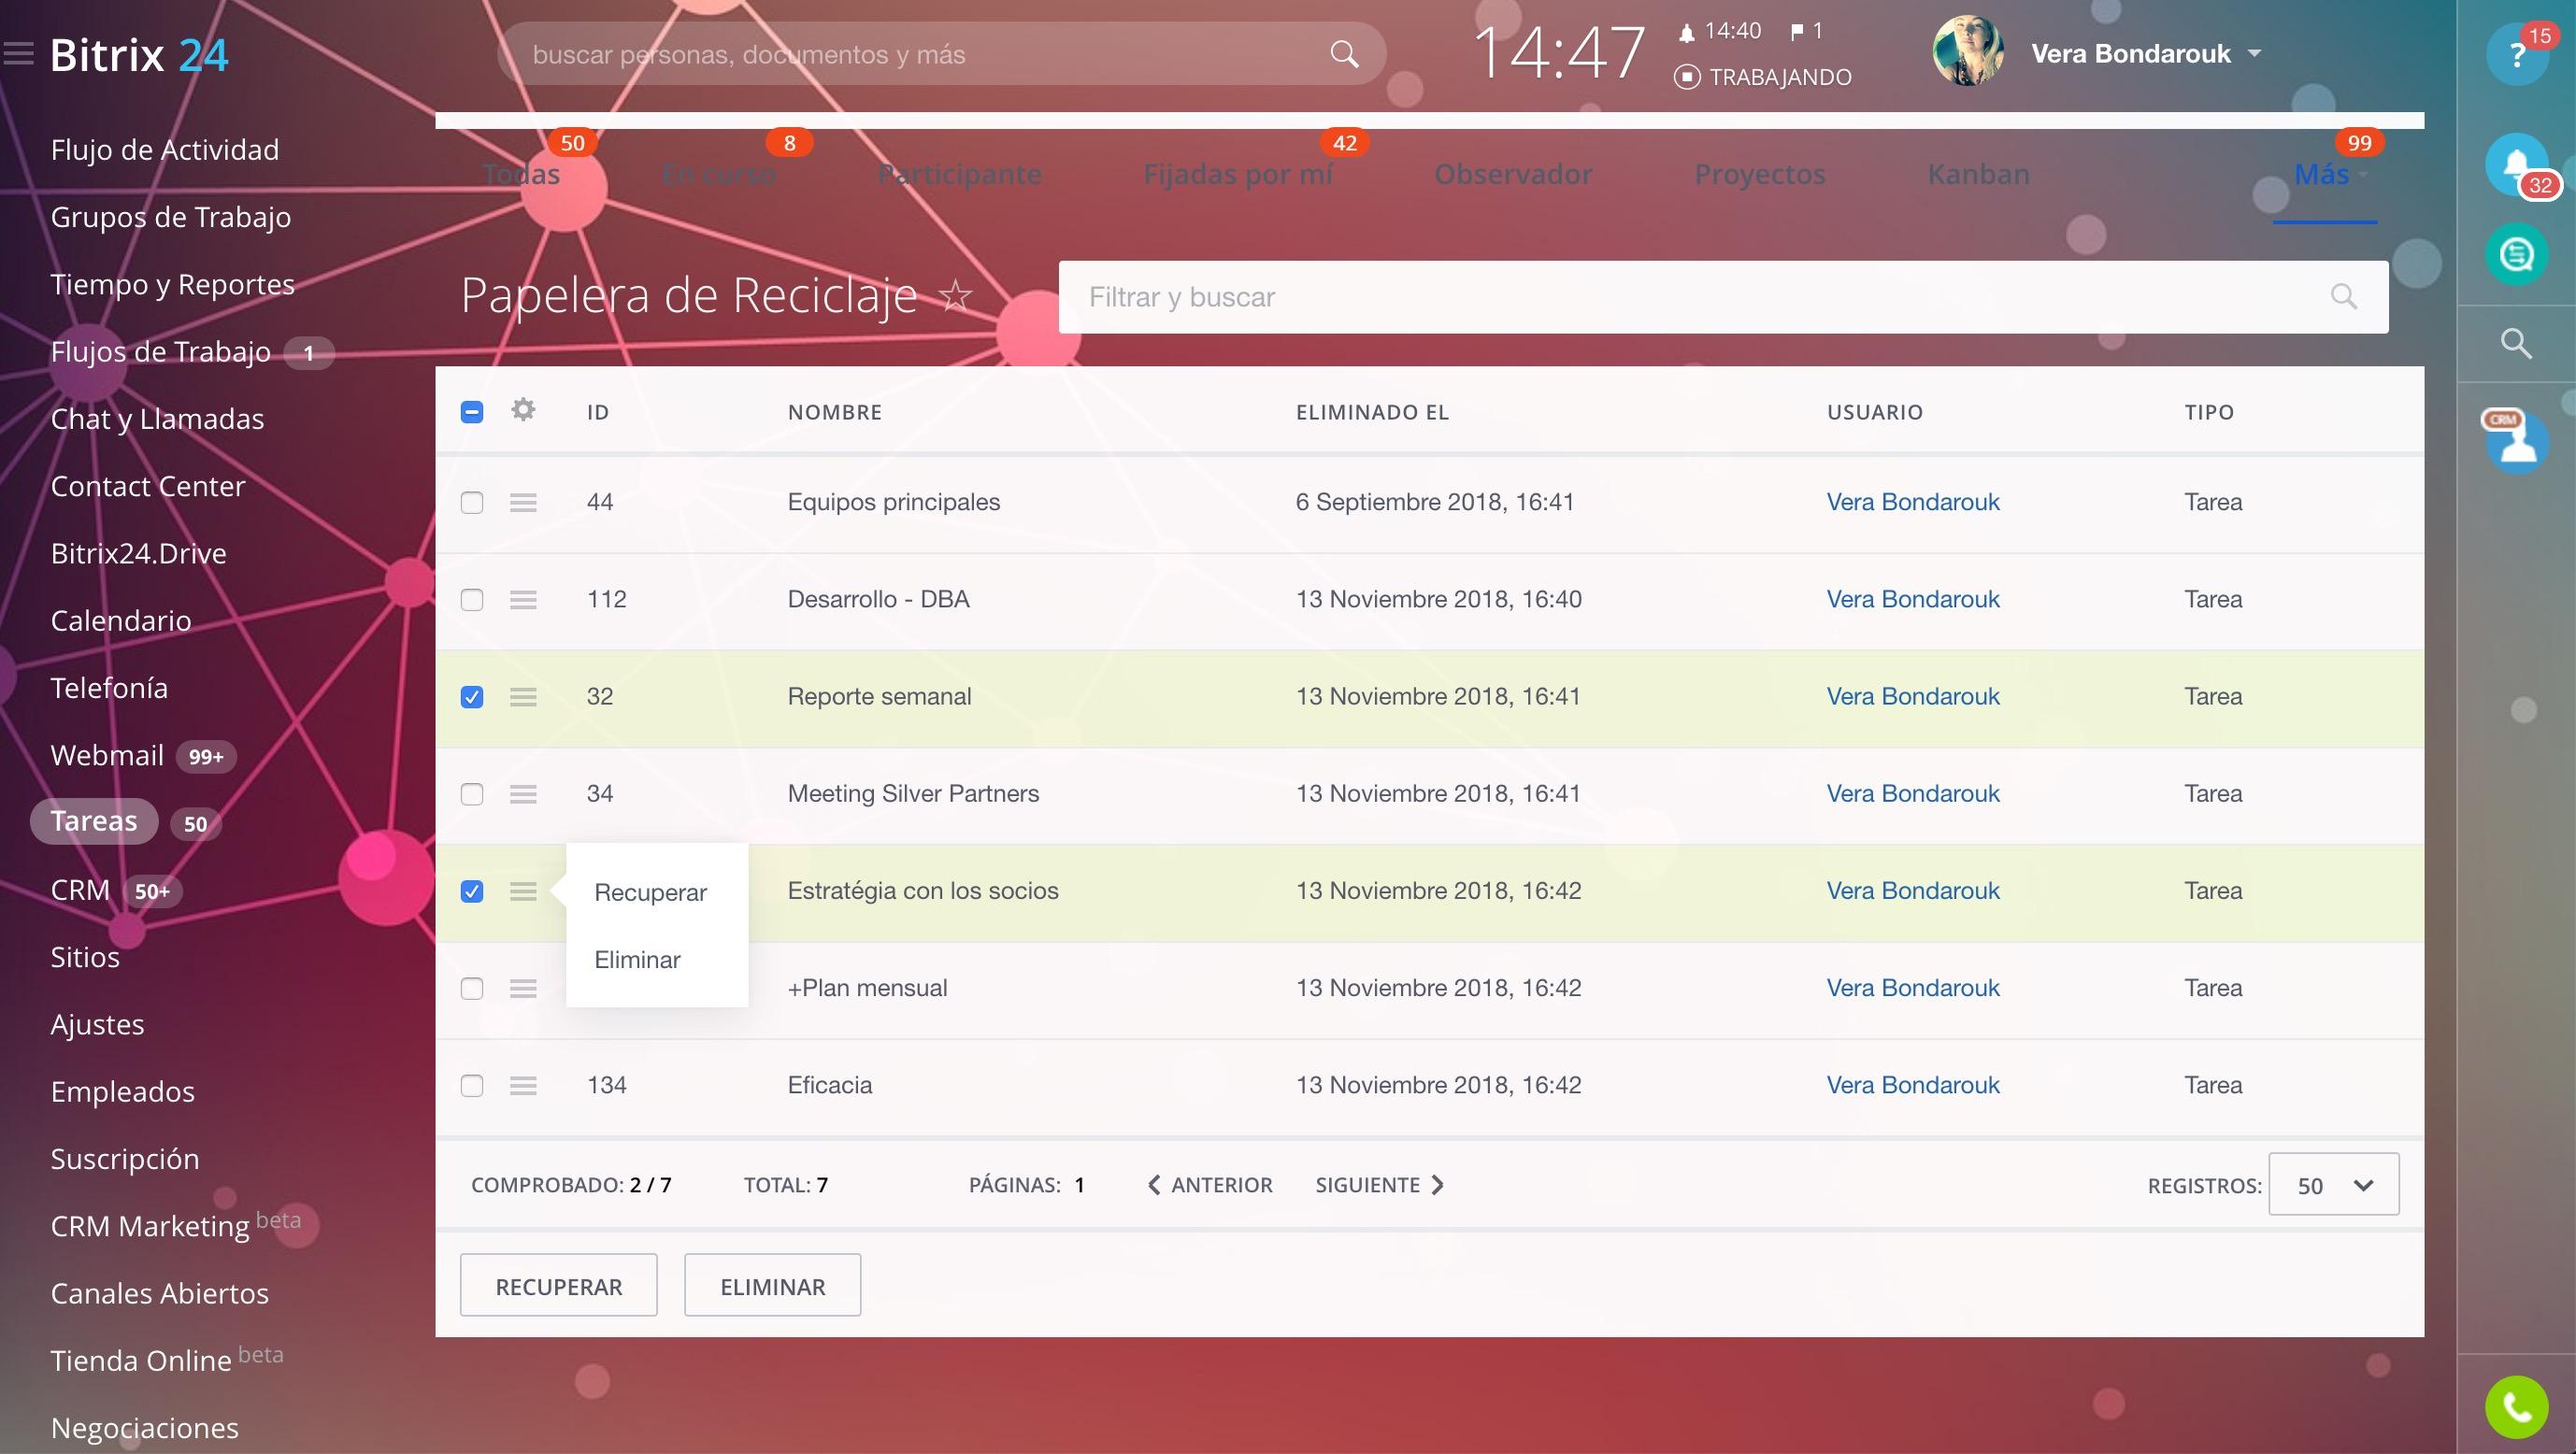 ¡Ahora puede restaurar las tareas eliminadas en Bitrix24!